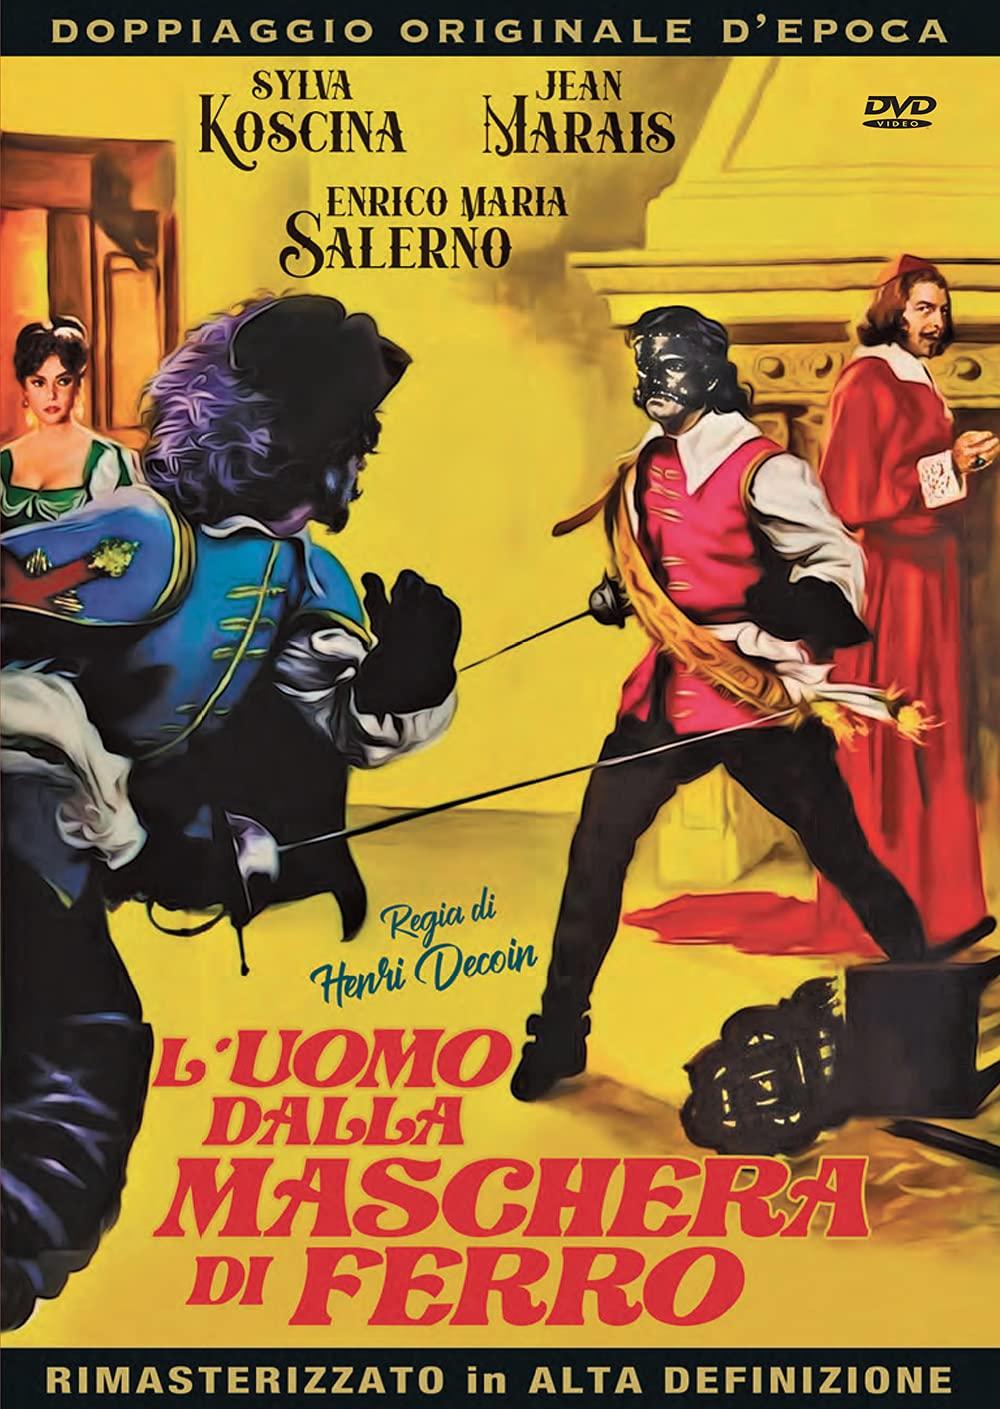 L'UOMO DALLA MASCHERO DI FERRO (DVD)